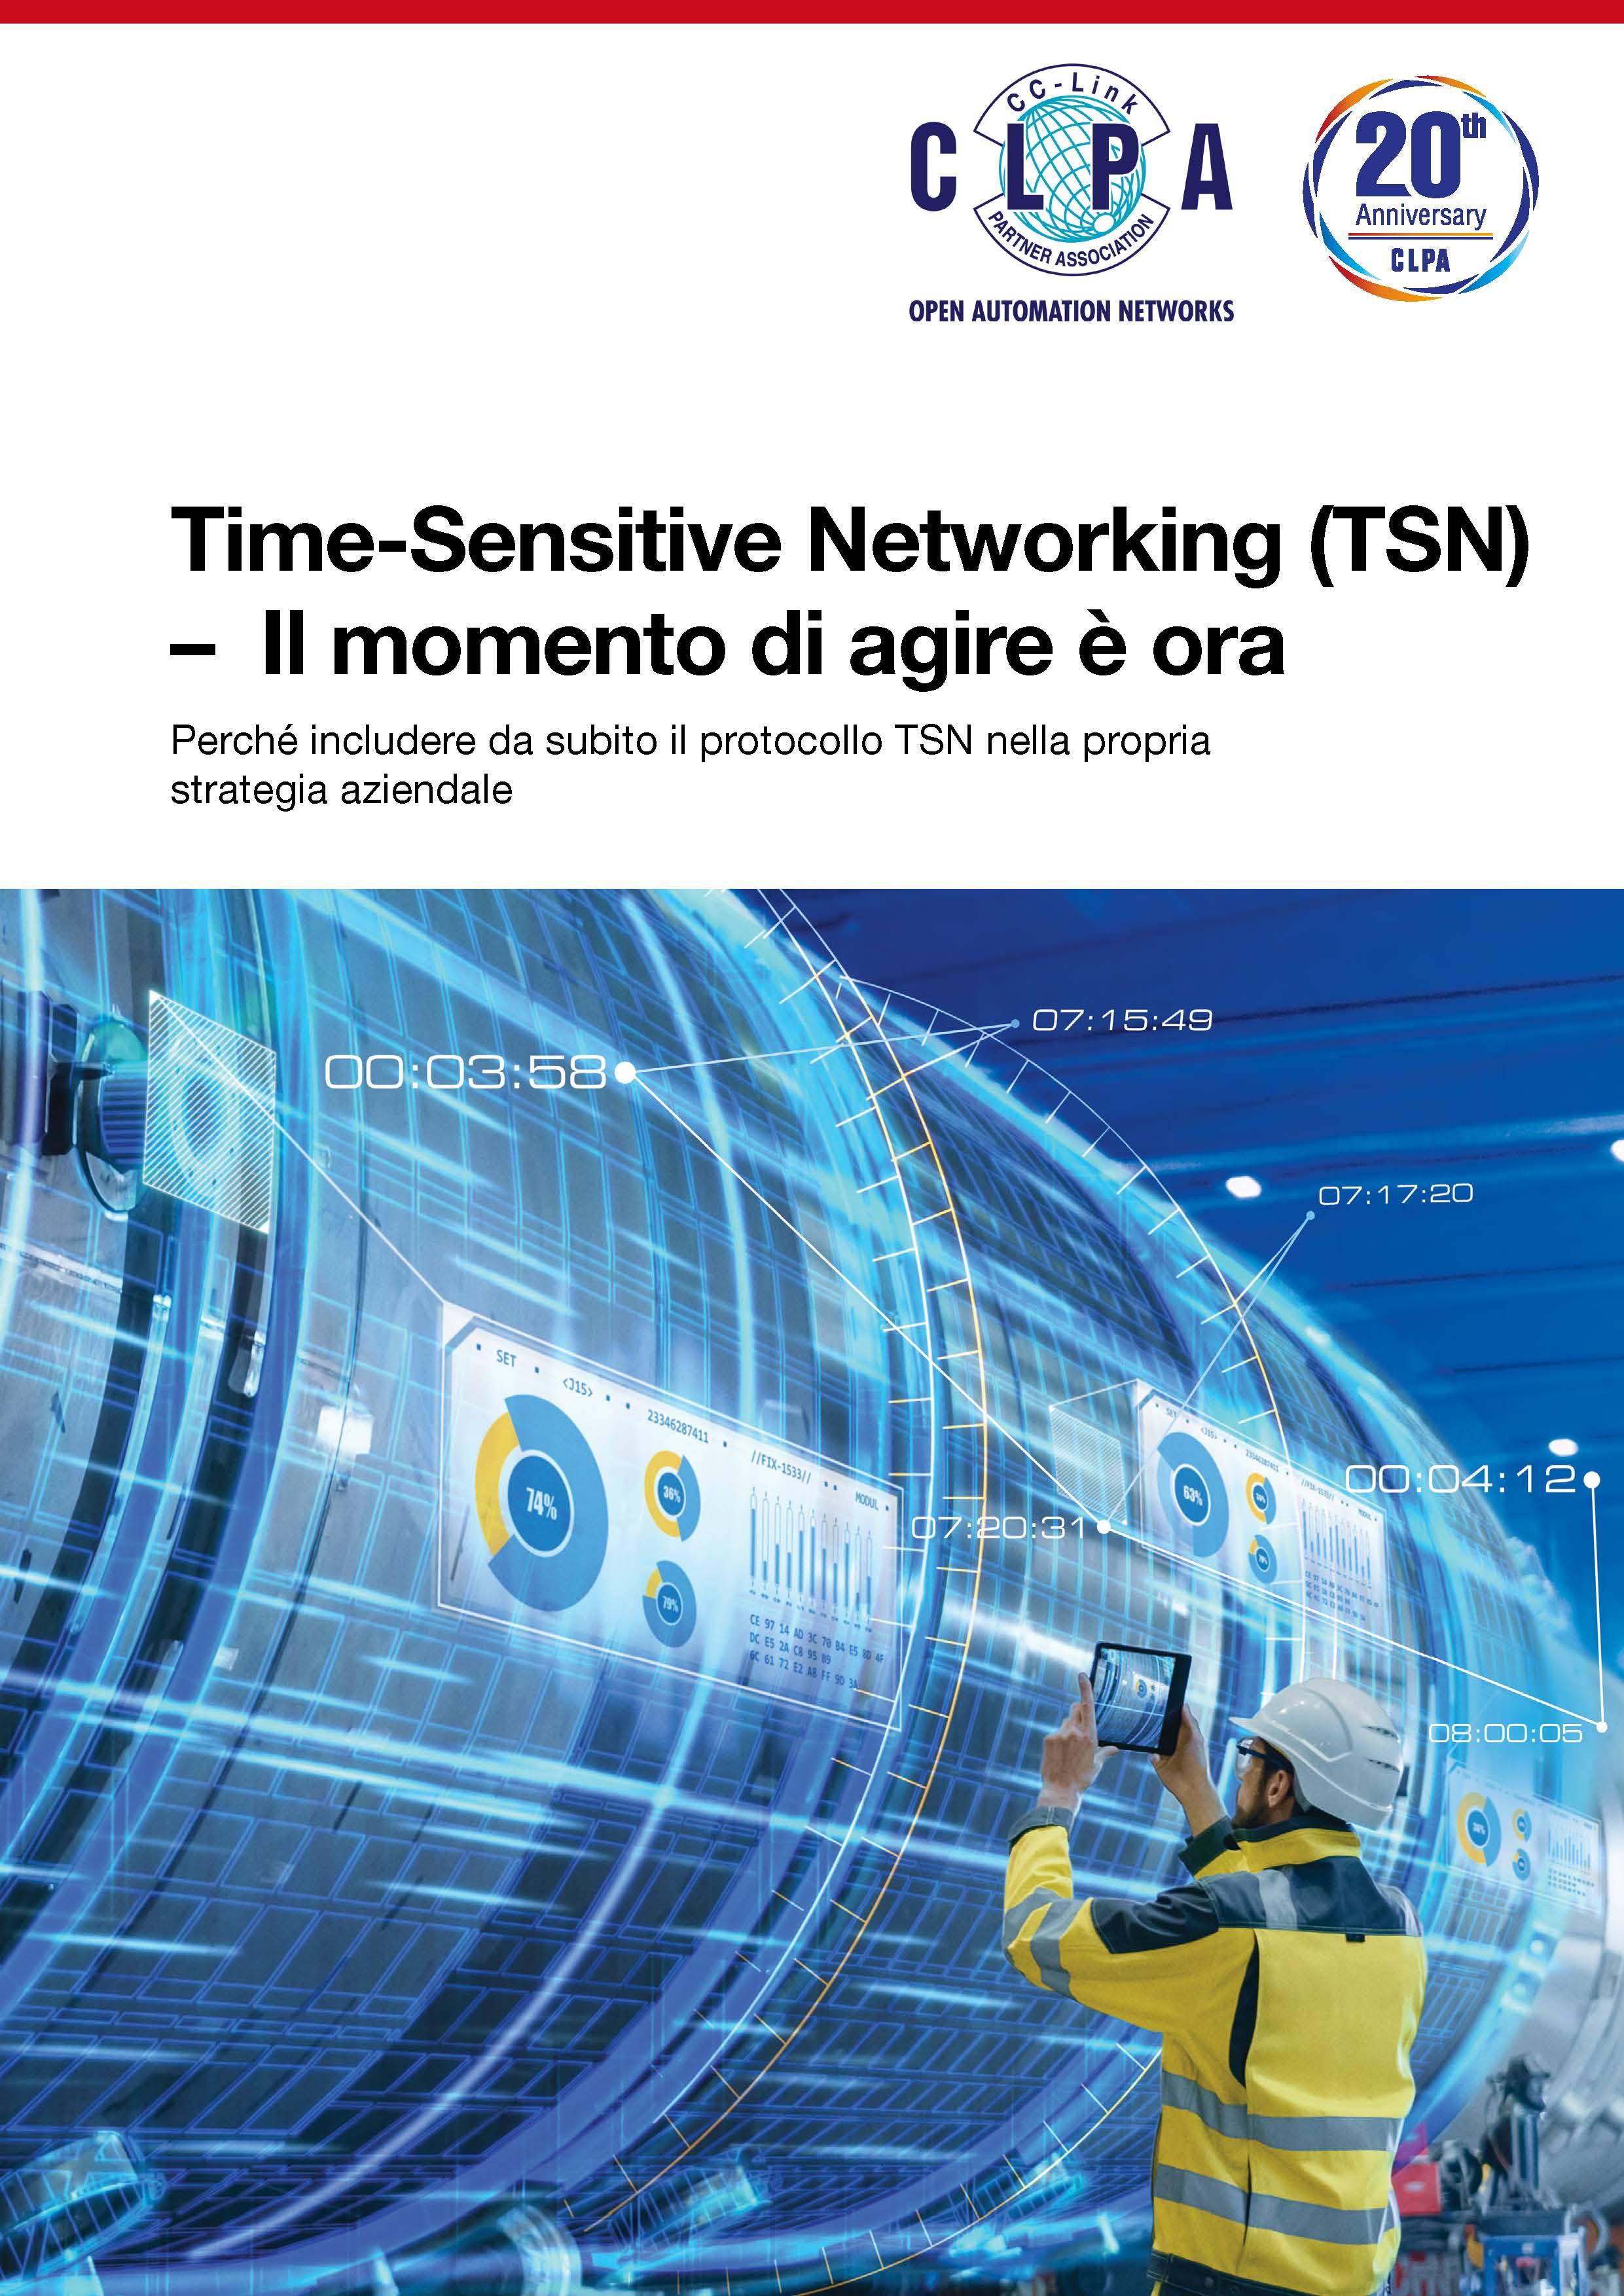 Time-Sensitive Networking (TSN) – Il momento di agire è ora